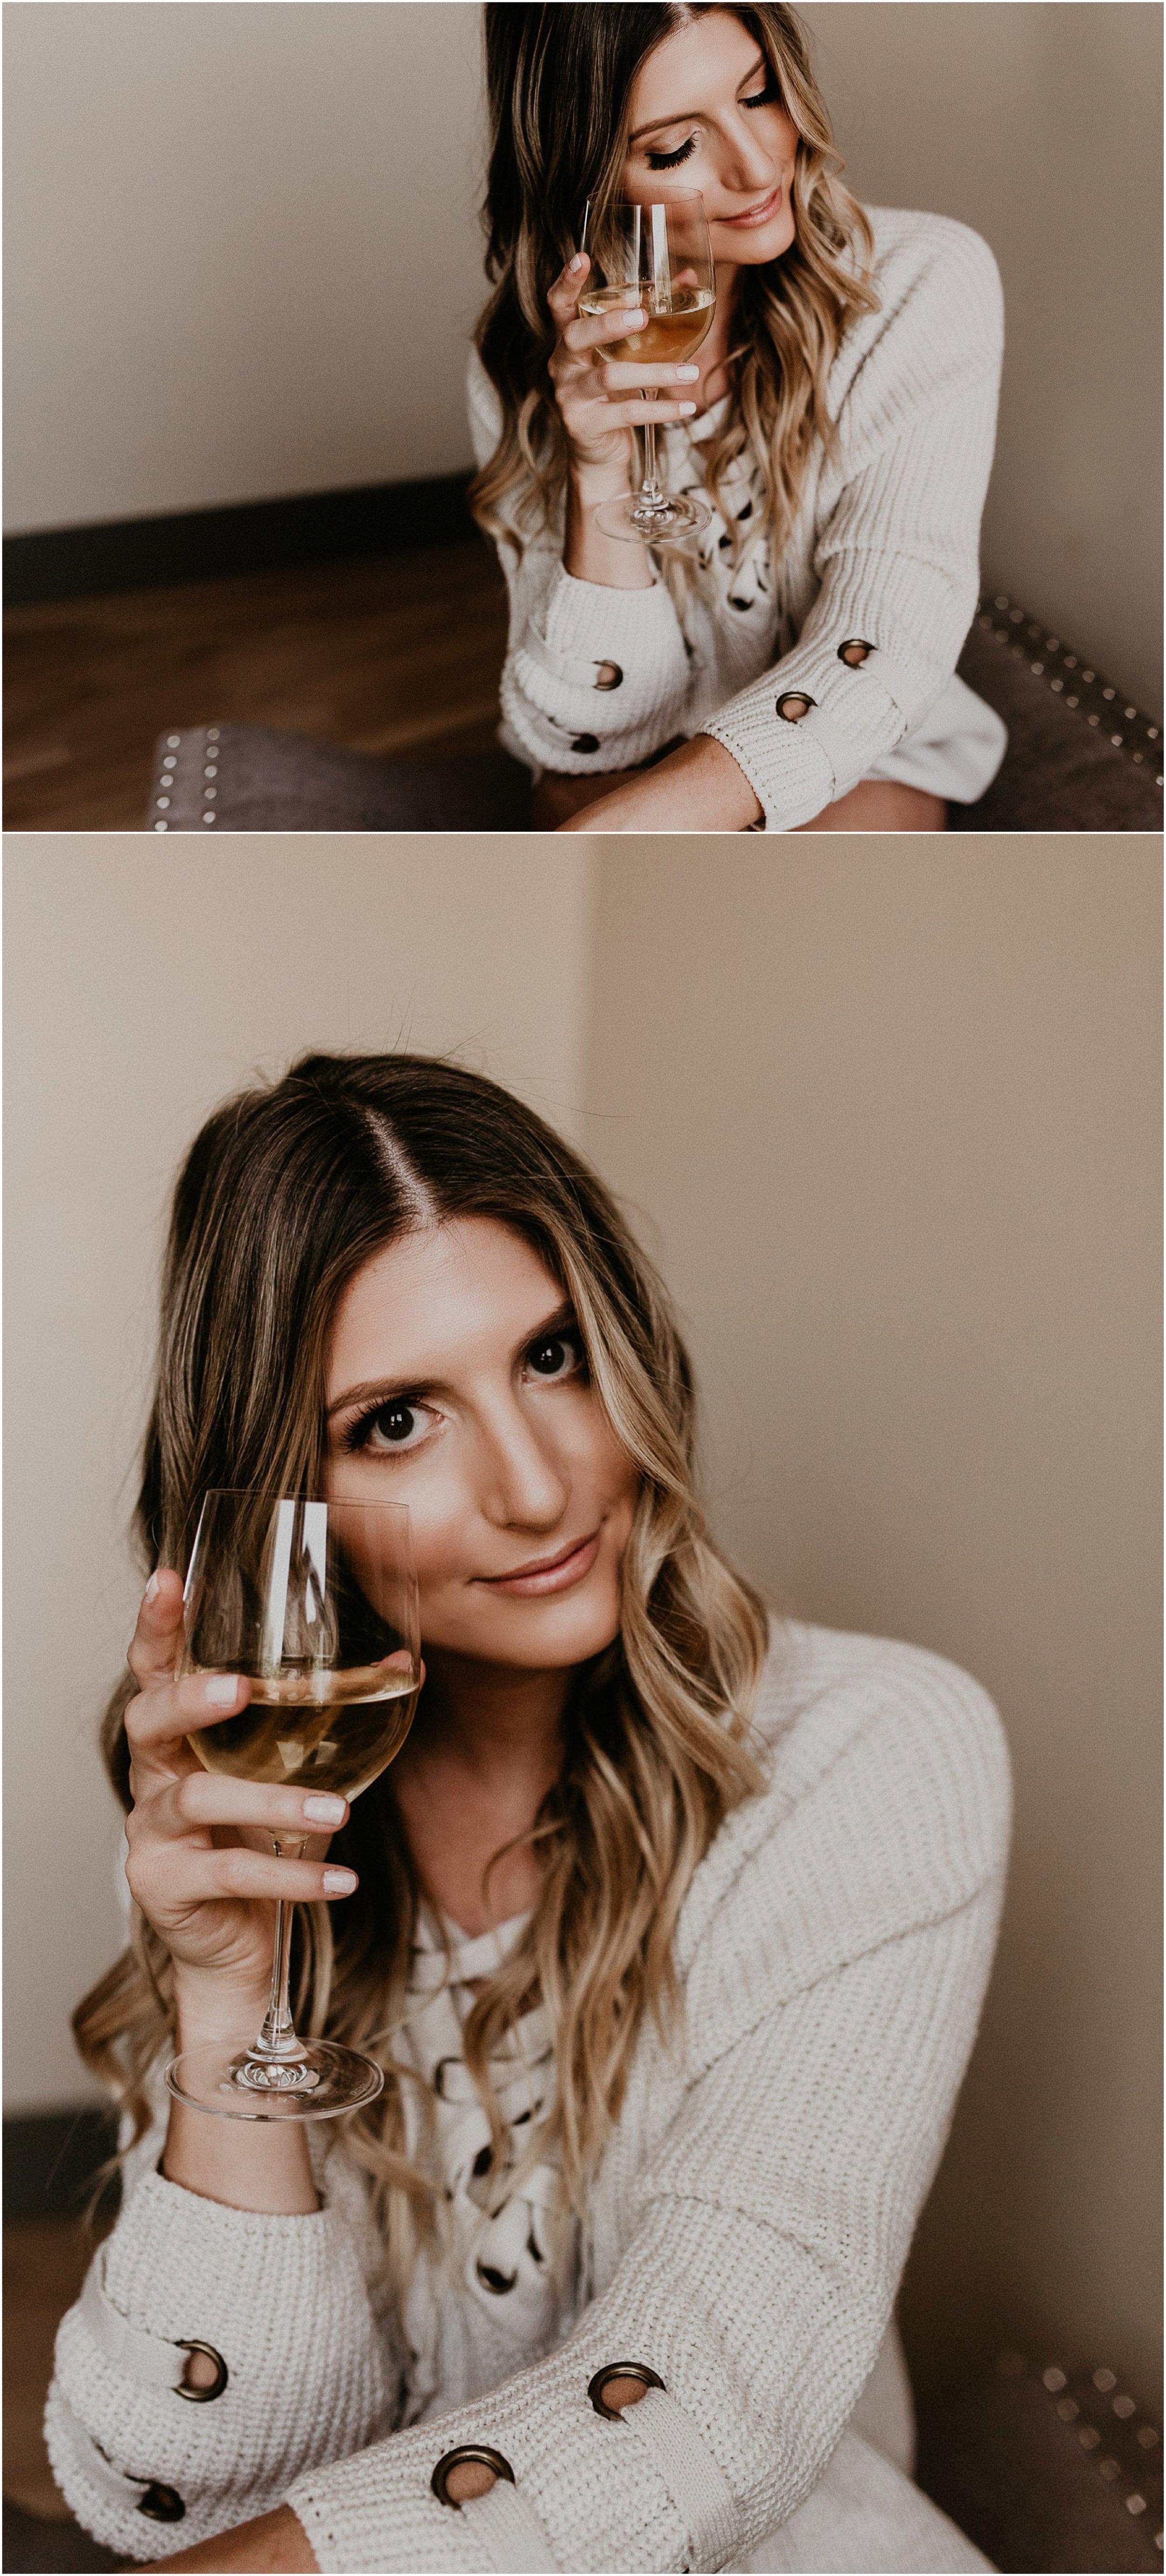 Boise Boudoir Photographer Makayla Madden Photography Award Winning Idaho Photographer Boudoir By Kayla Meridian Boudoir Lifestyle Boudoir Wine Lover Cozy Sweater Boudoir Ideas